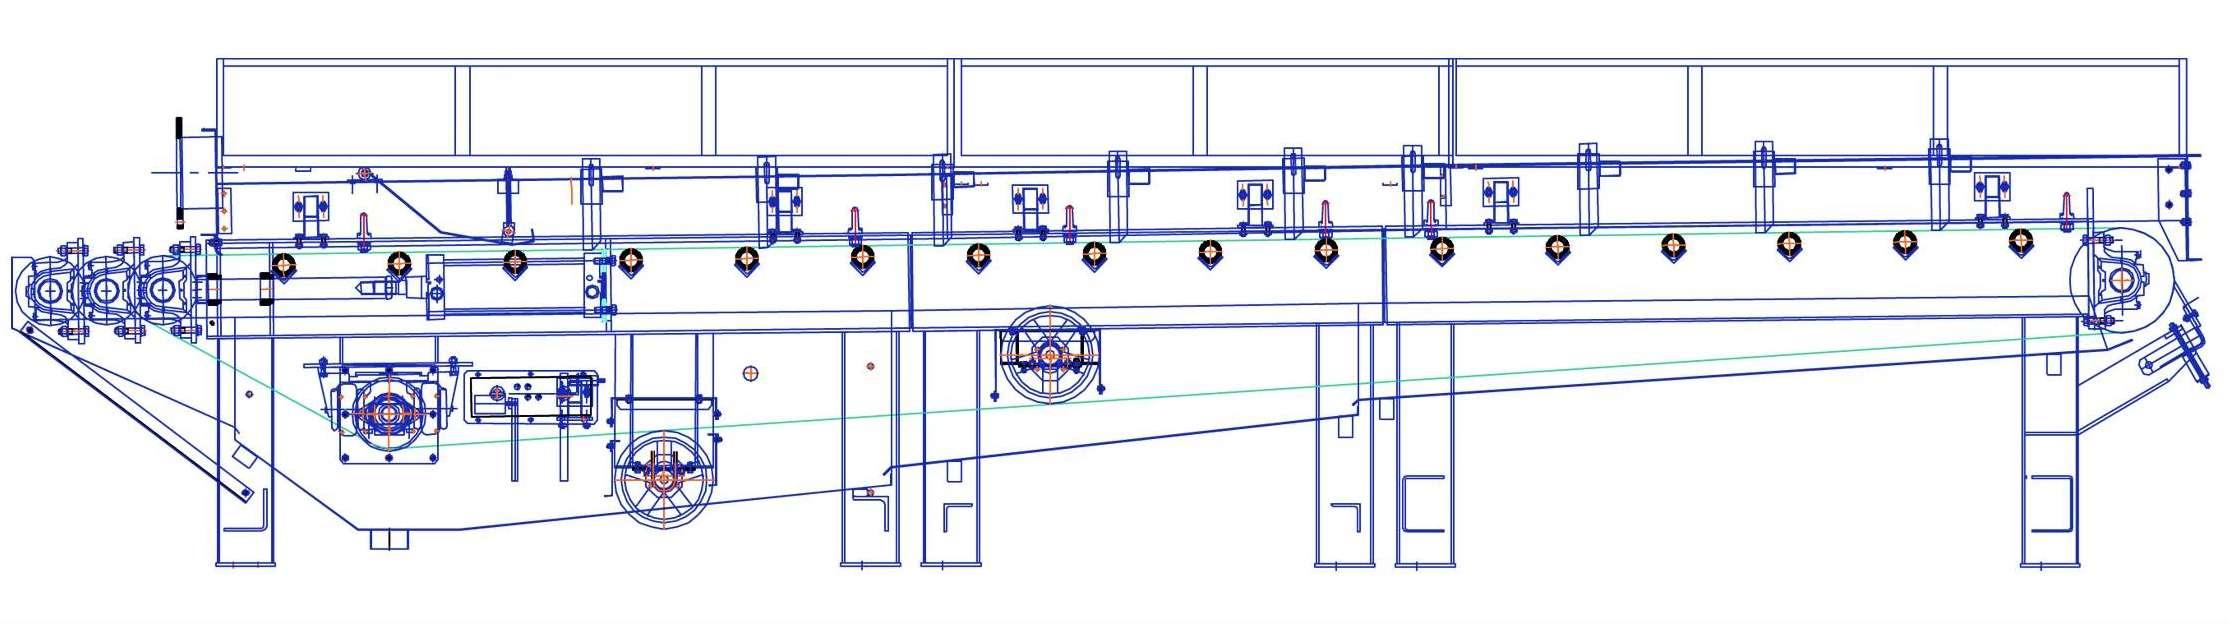 Сгуститель ленточный промышленный (СГП) ДАКТ-Инжиниринг